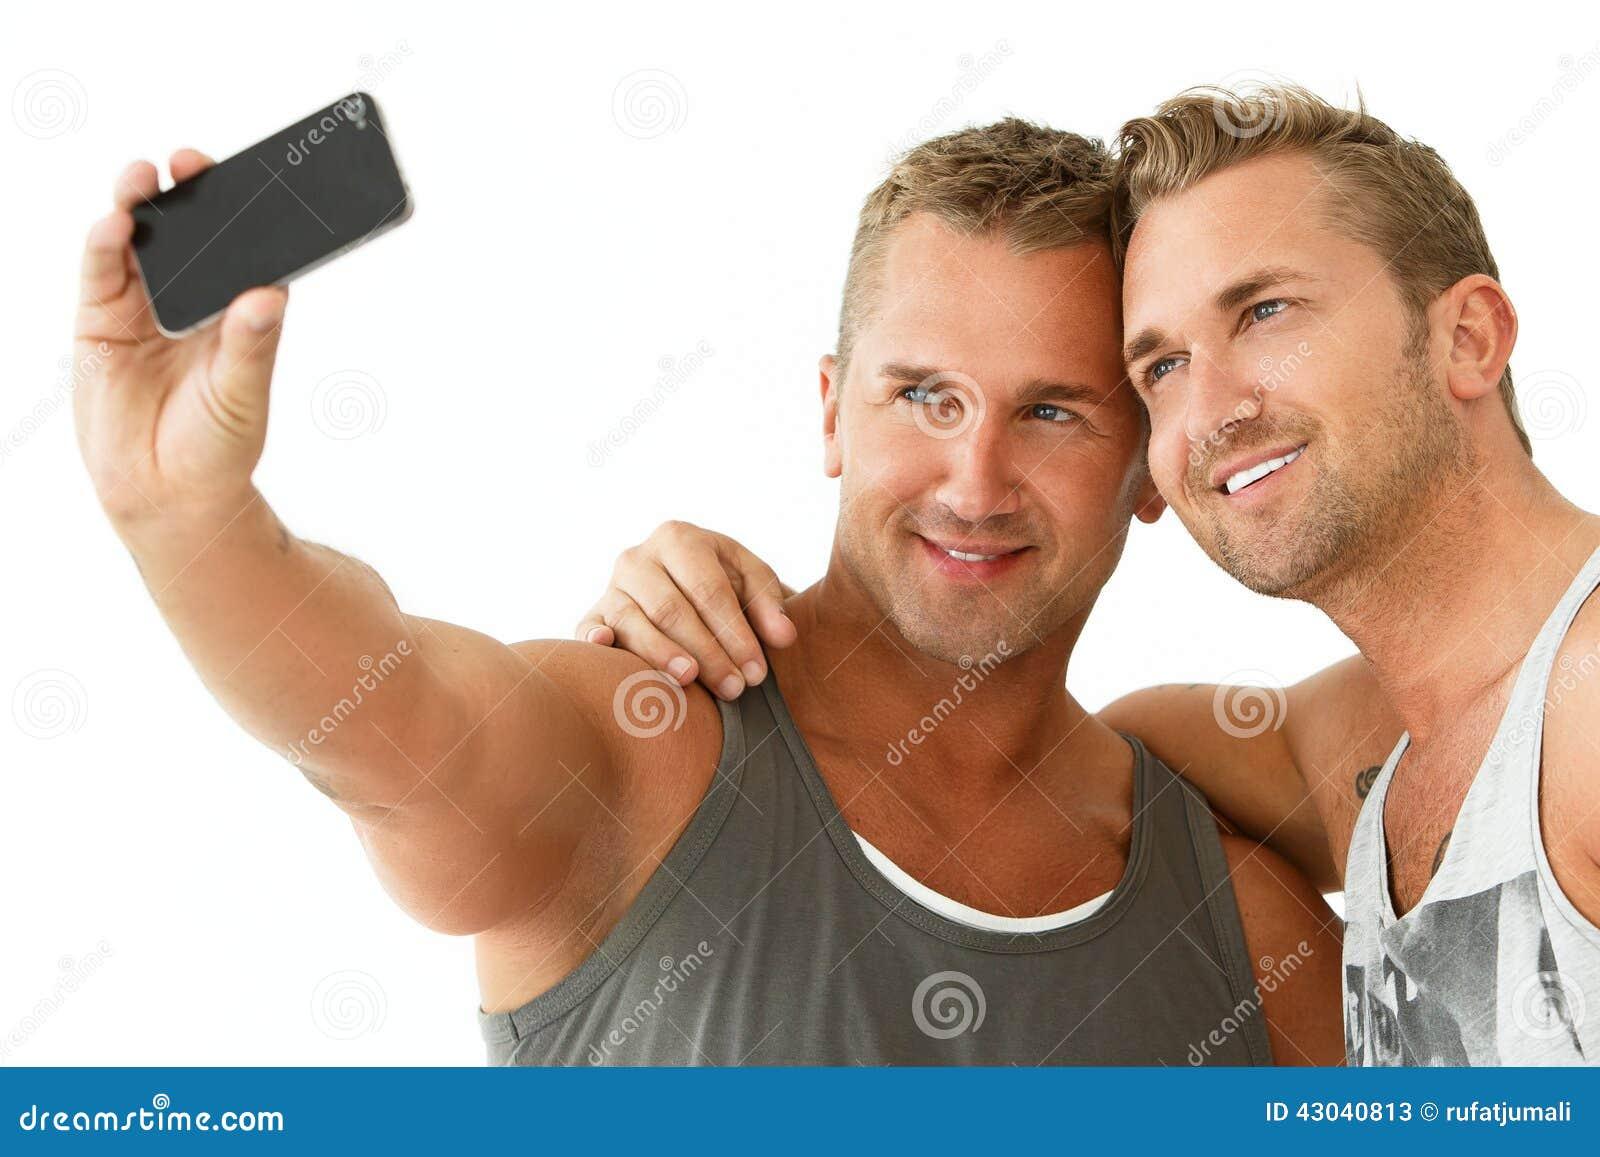 Handsome Guys At Home Stock Image | CartoonDealer.com